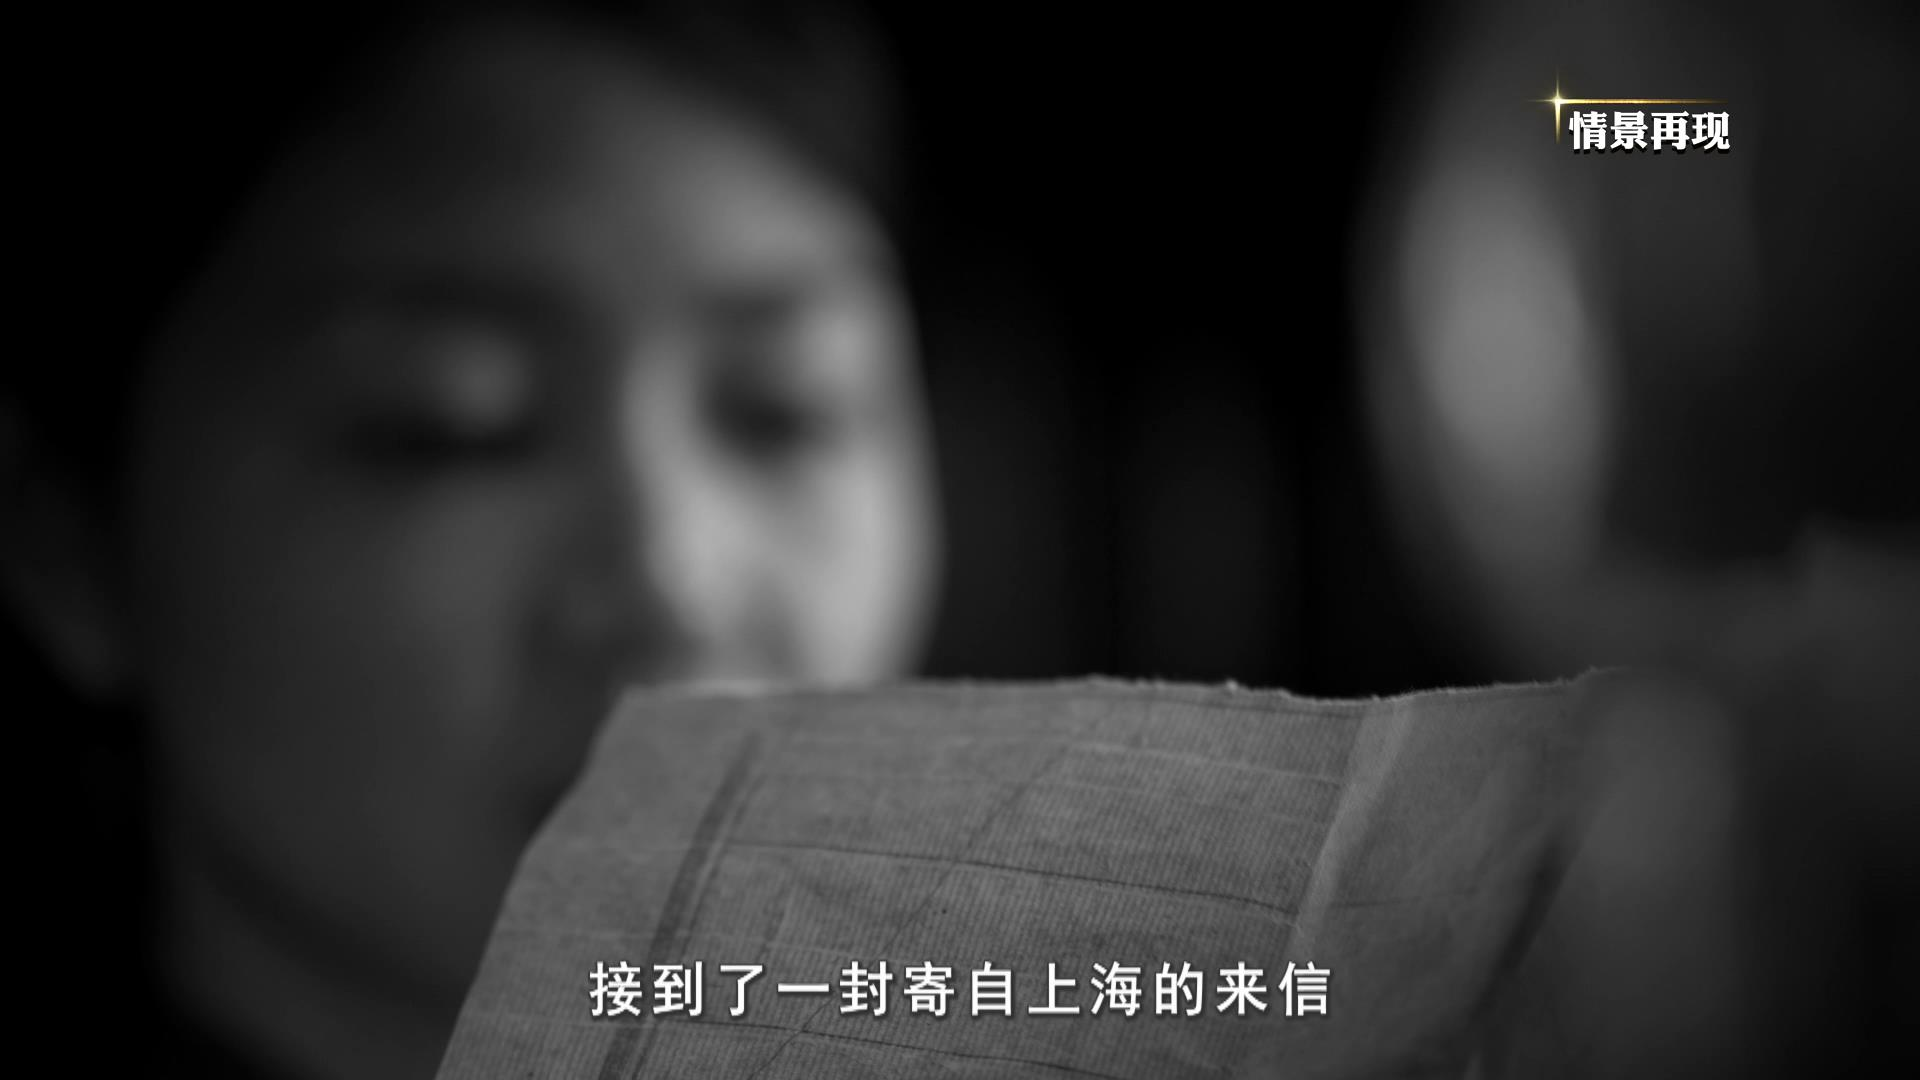 南阳市卫生计生监督局开展廉政教育活动